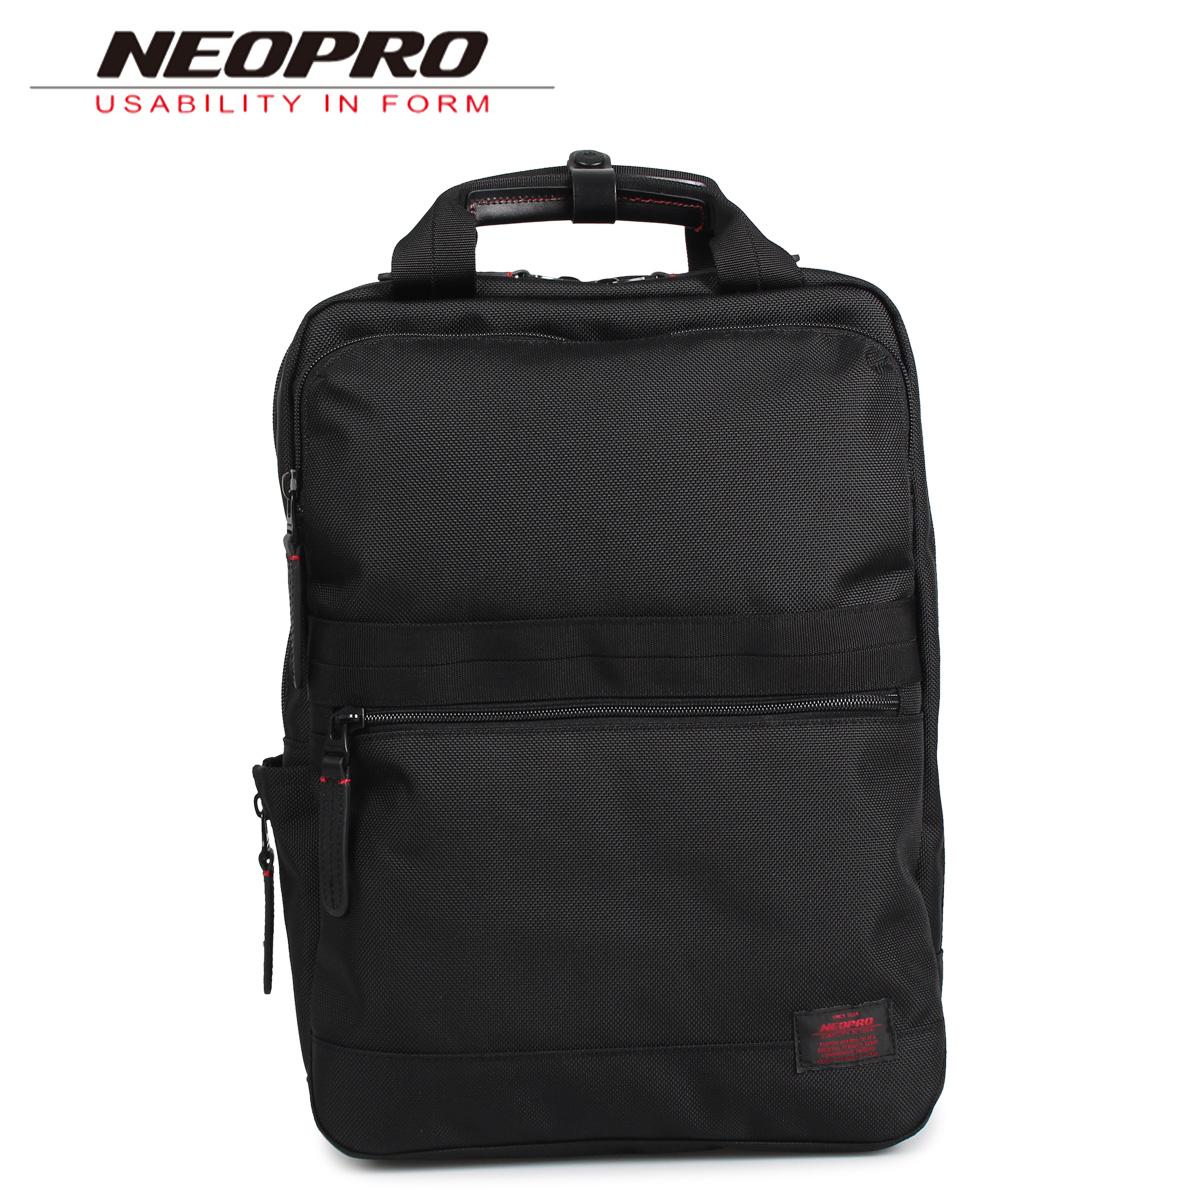 NEOPRO ネオプロ リュック バック バックパック メンズ RED ブラック 黒 2-037